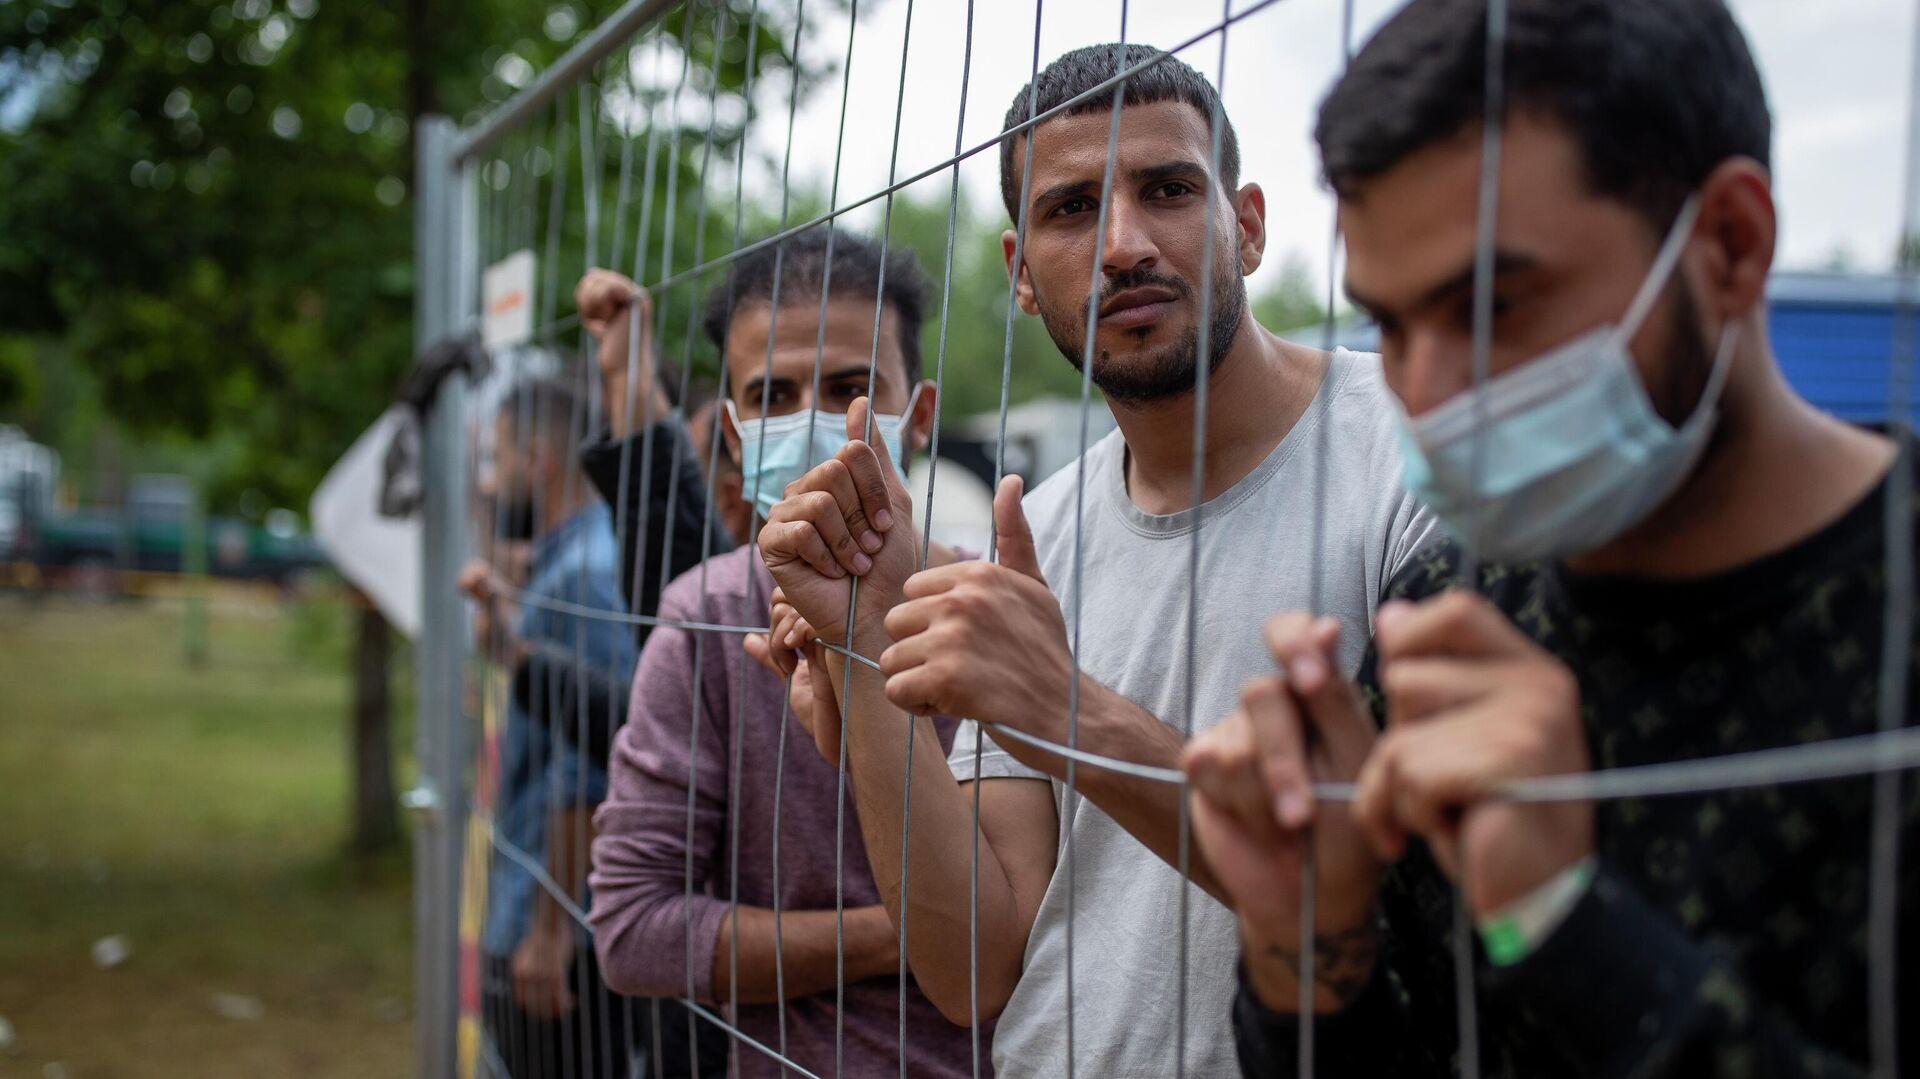 Migranti u izbegličkom kampu u Litvaniji - Sputnik Srbija, 1920, 23.08.2021